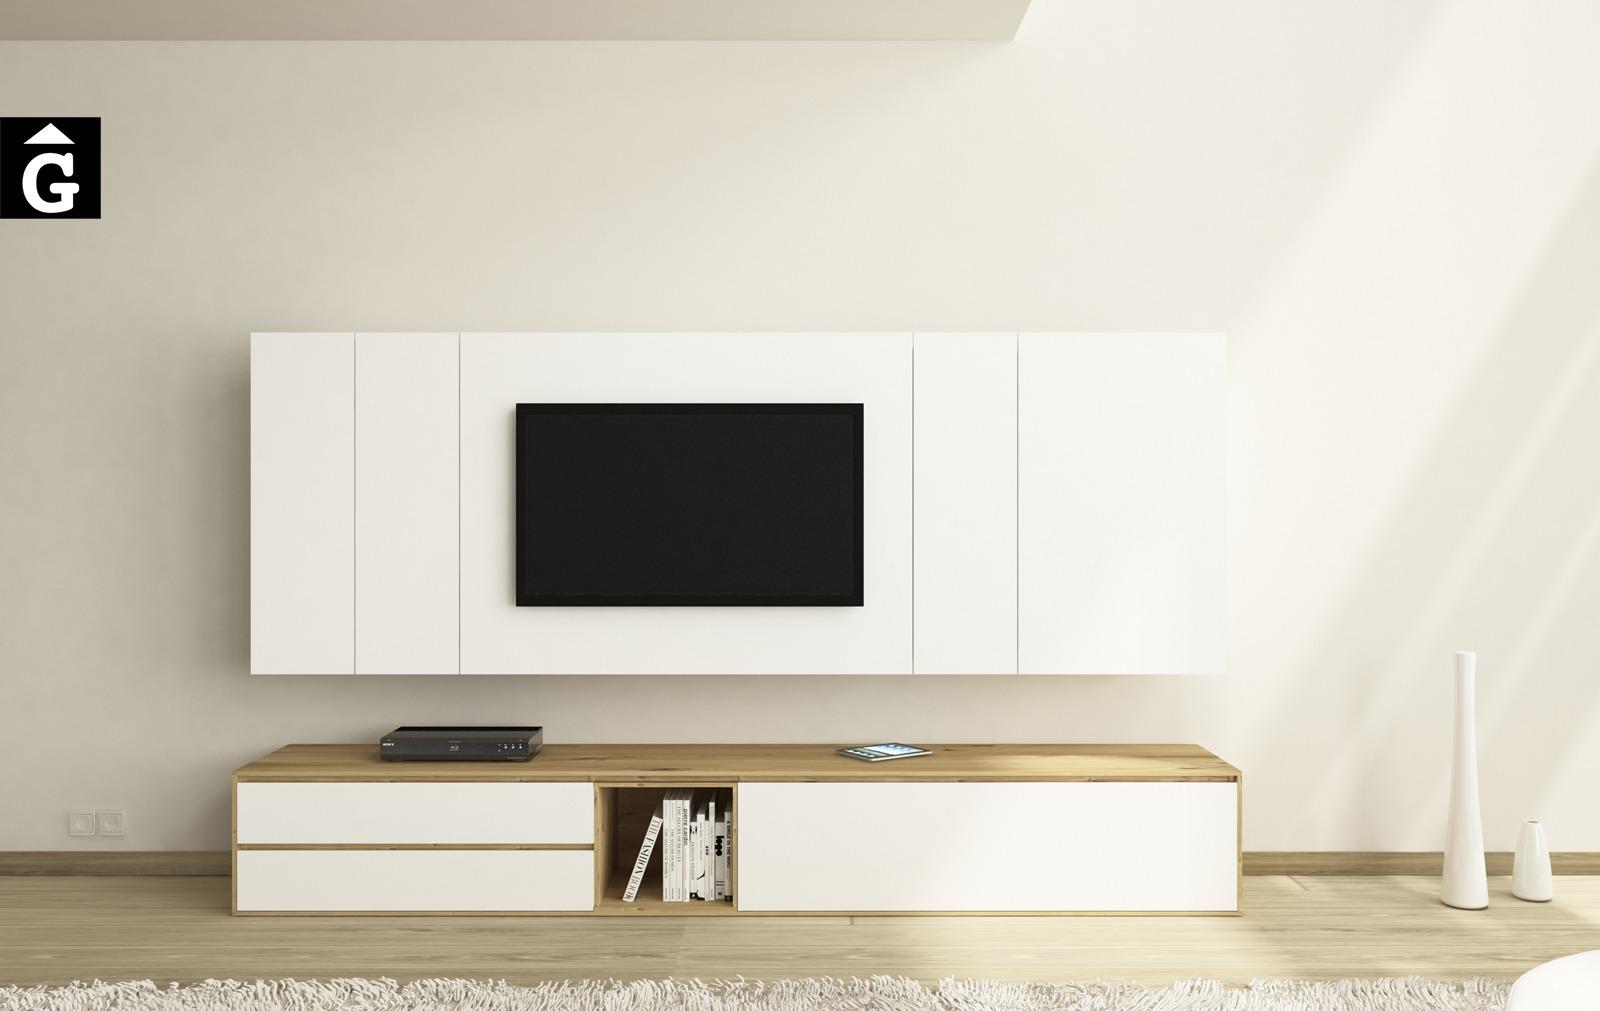 06 Area mobles Ciurans per mobles Gifreu programa modular disseny atemporal realitzat amb materials i ferratges de qualitat estil modern minimal